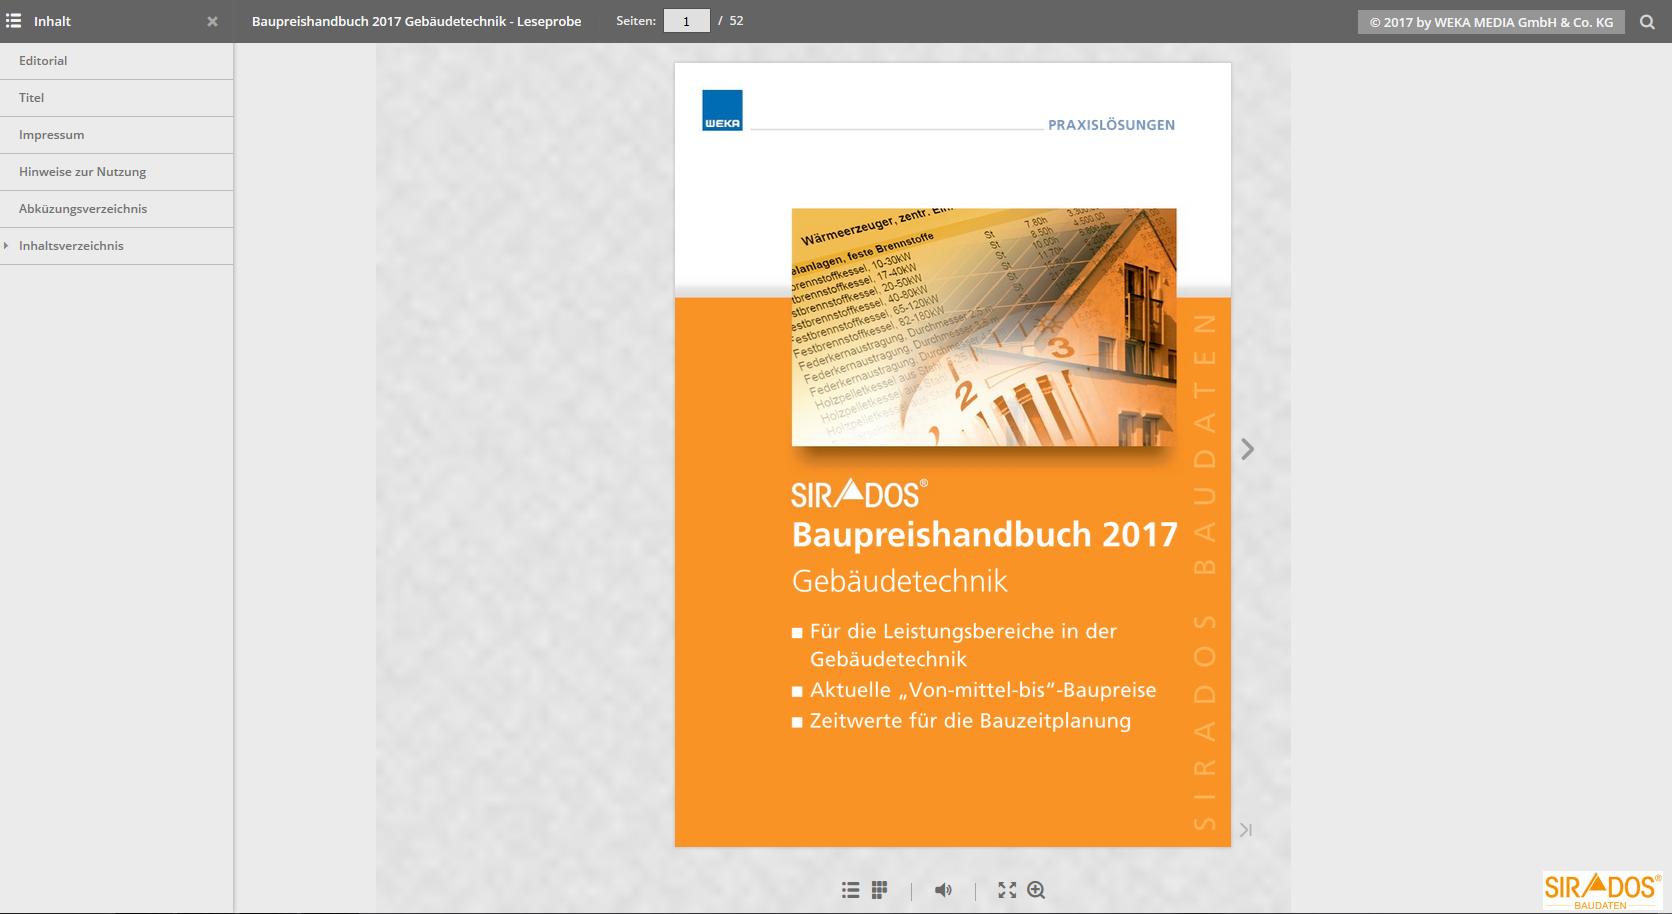 Leseprobe SIRADOS Baupreishandbuch Gebäudetechnik